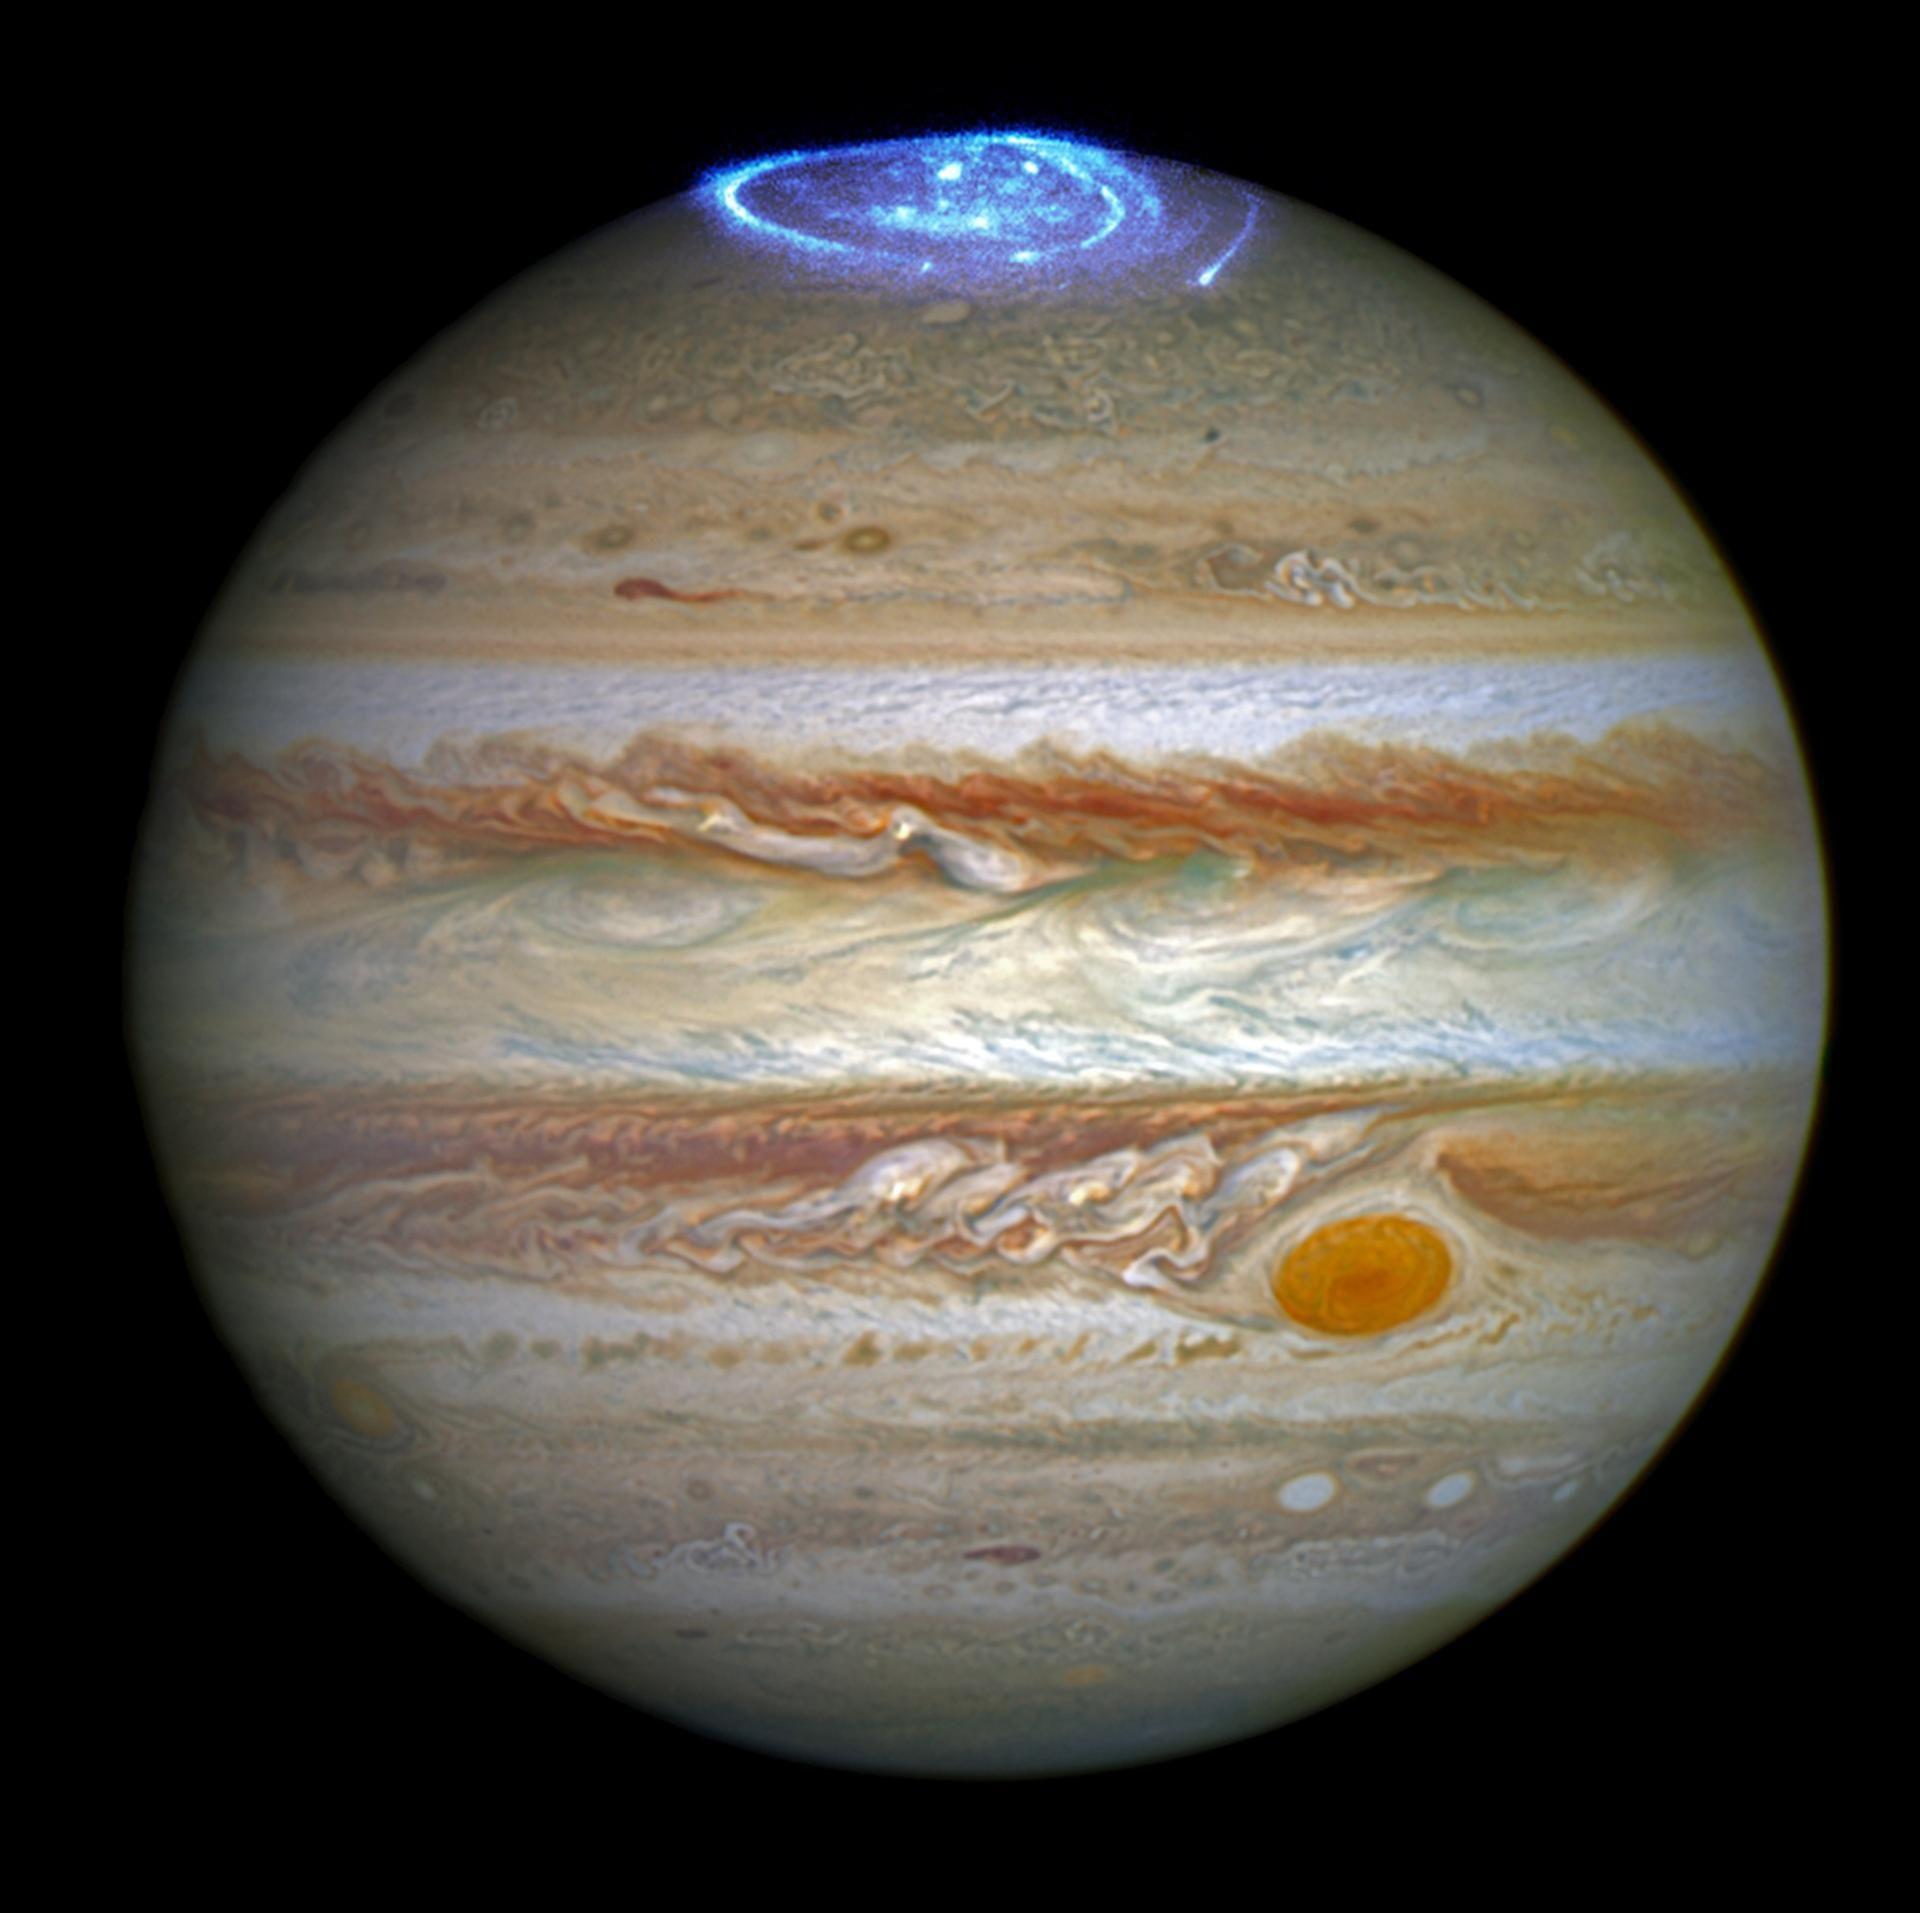 Jupiter's moons shape the planet's violent auroras